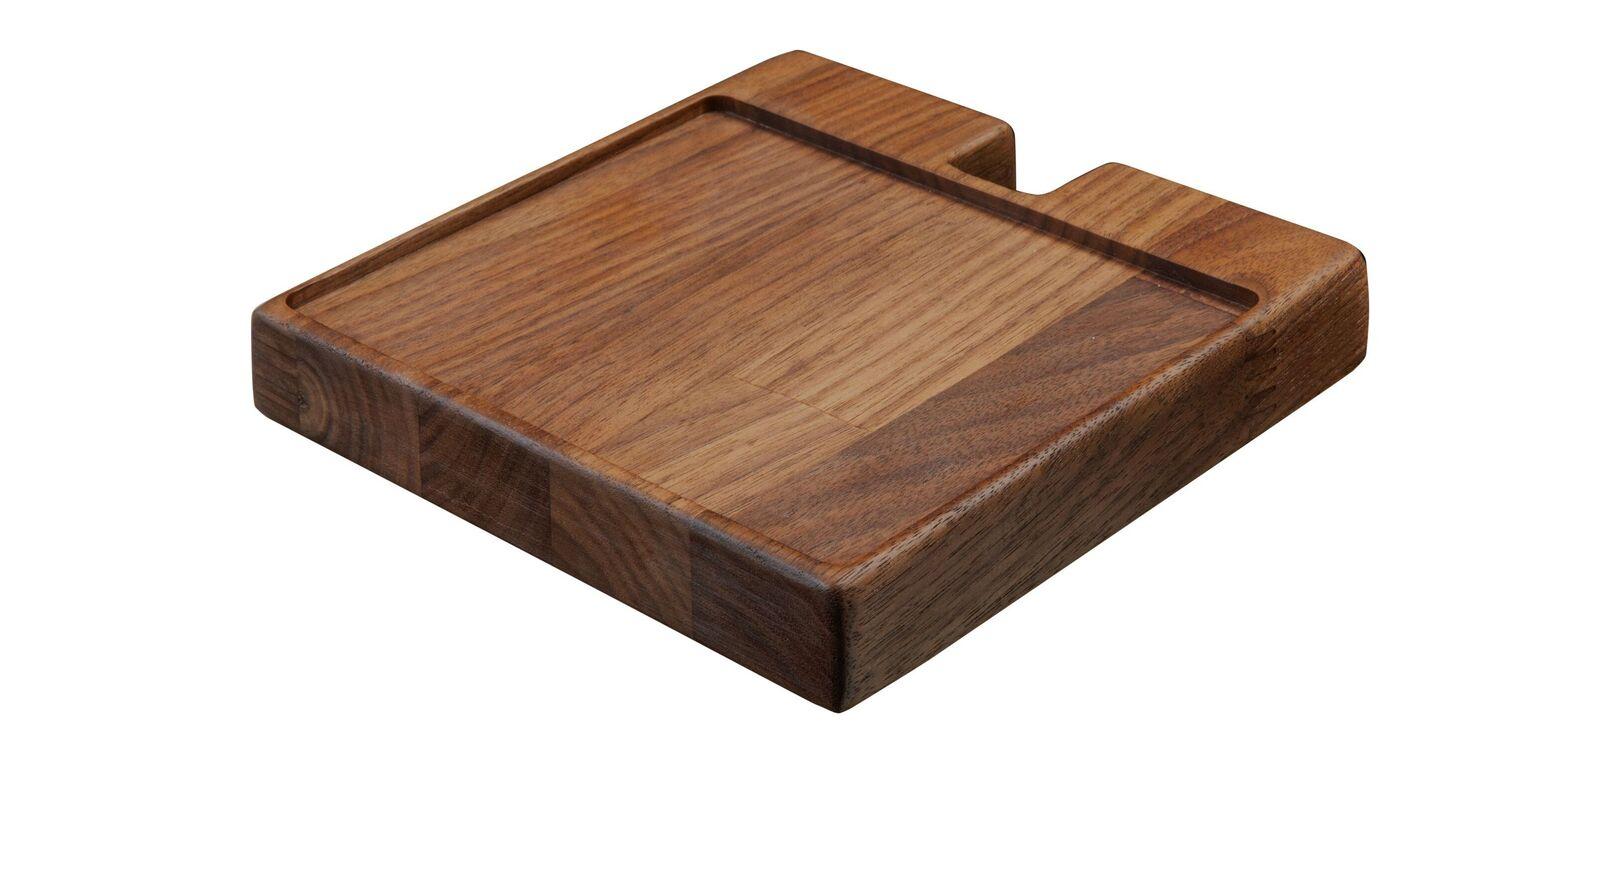 Ablageplatte aus Nussbaumholz der Garderoben-Kommode Ronario